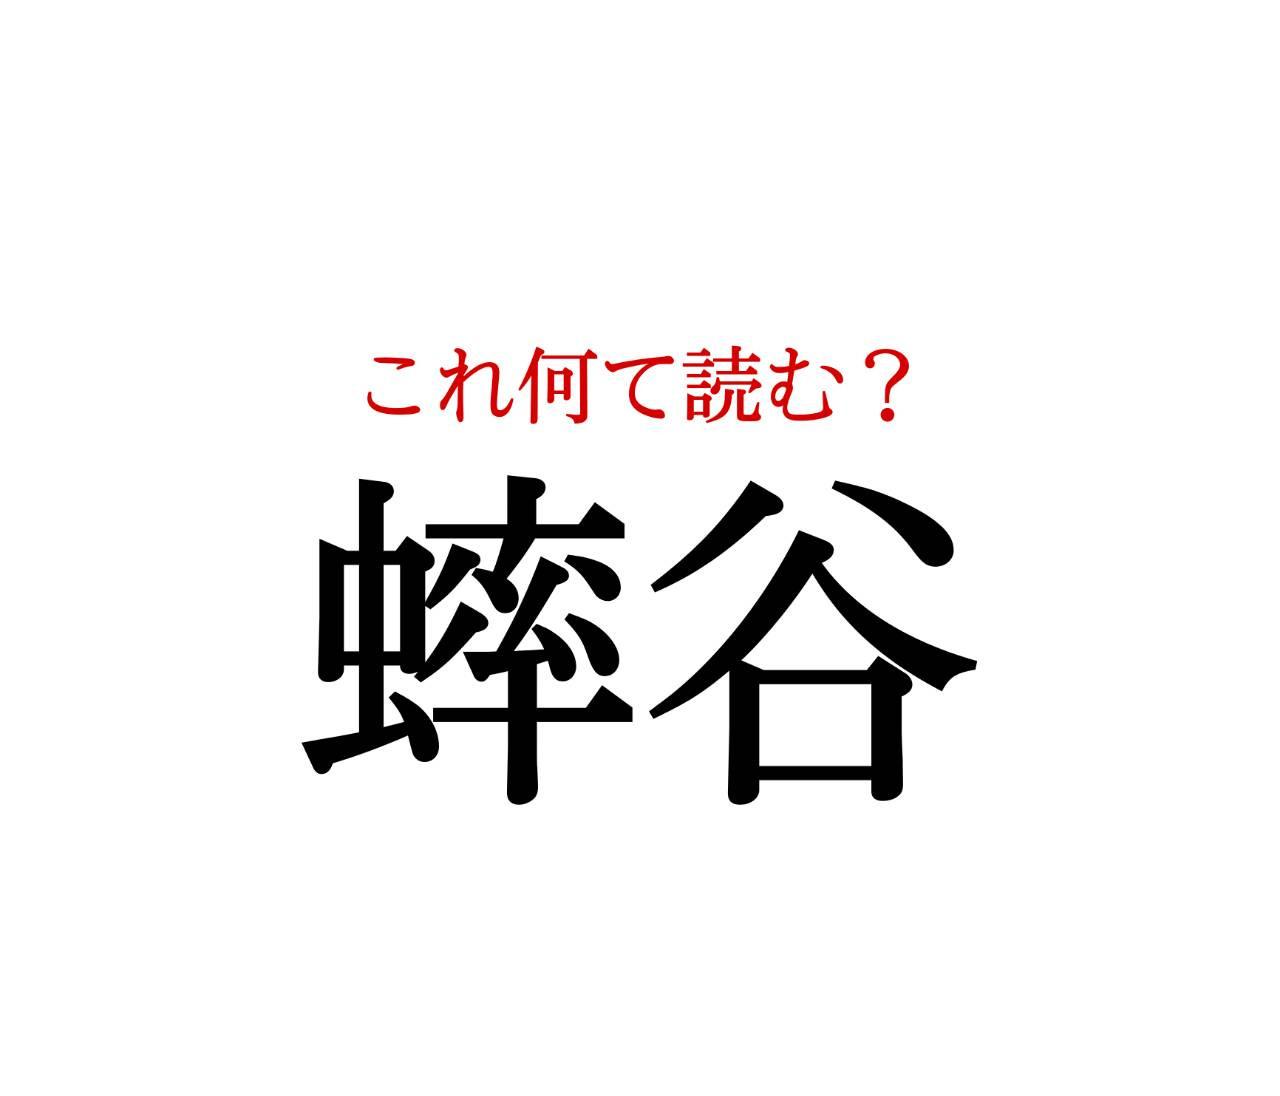 「蟀谷」:この漢字、自信を持って読めますか?【働く大人の漢字クイズvol.112】